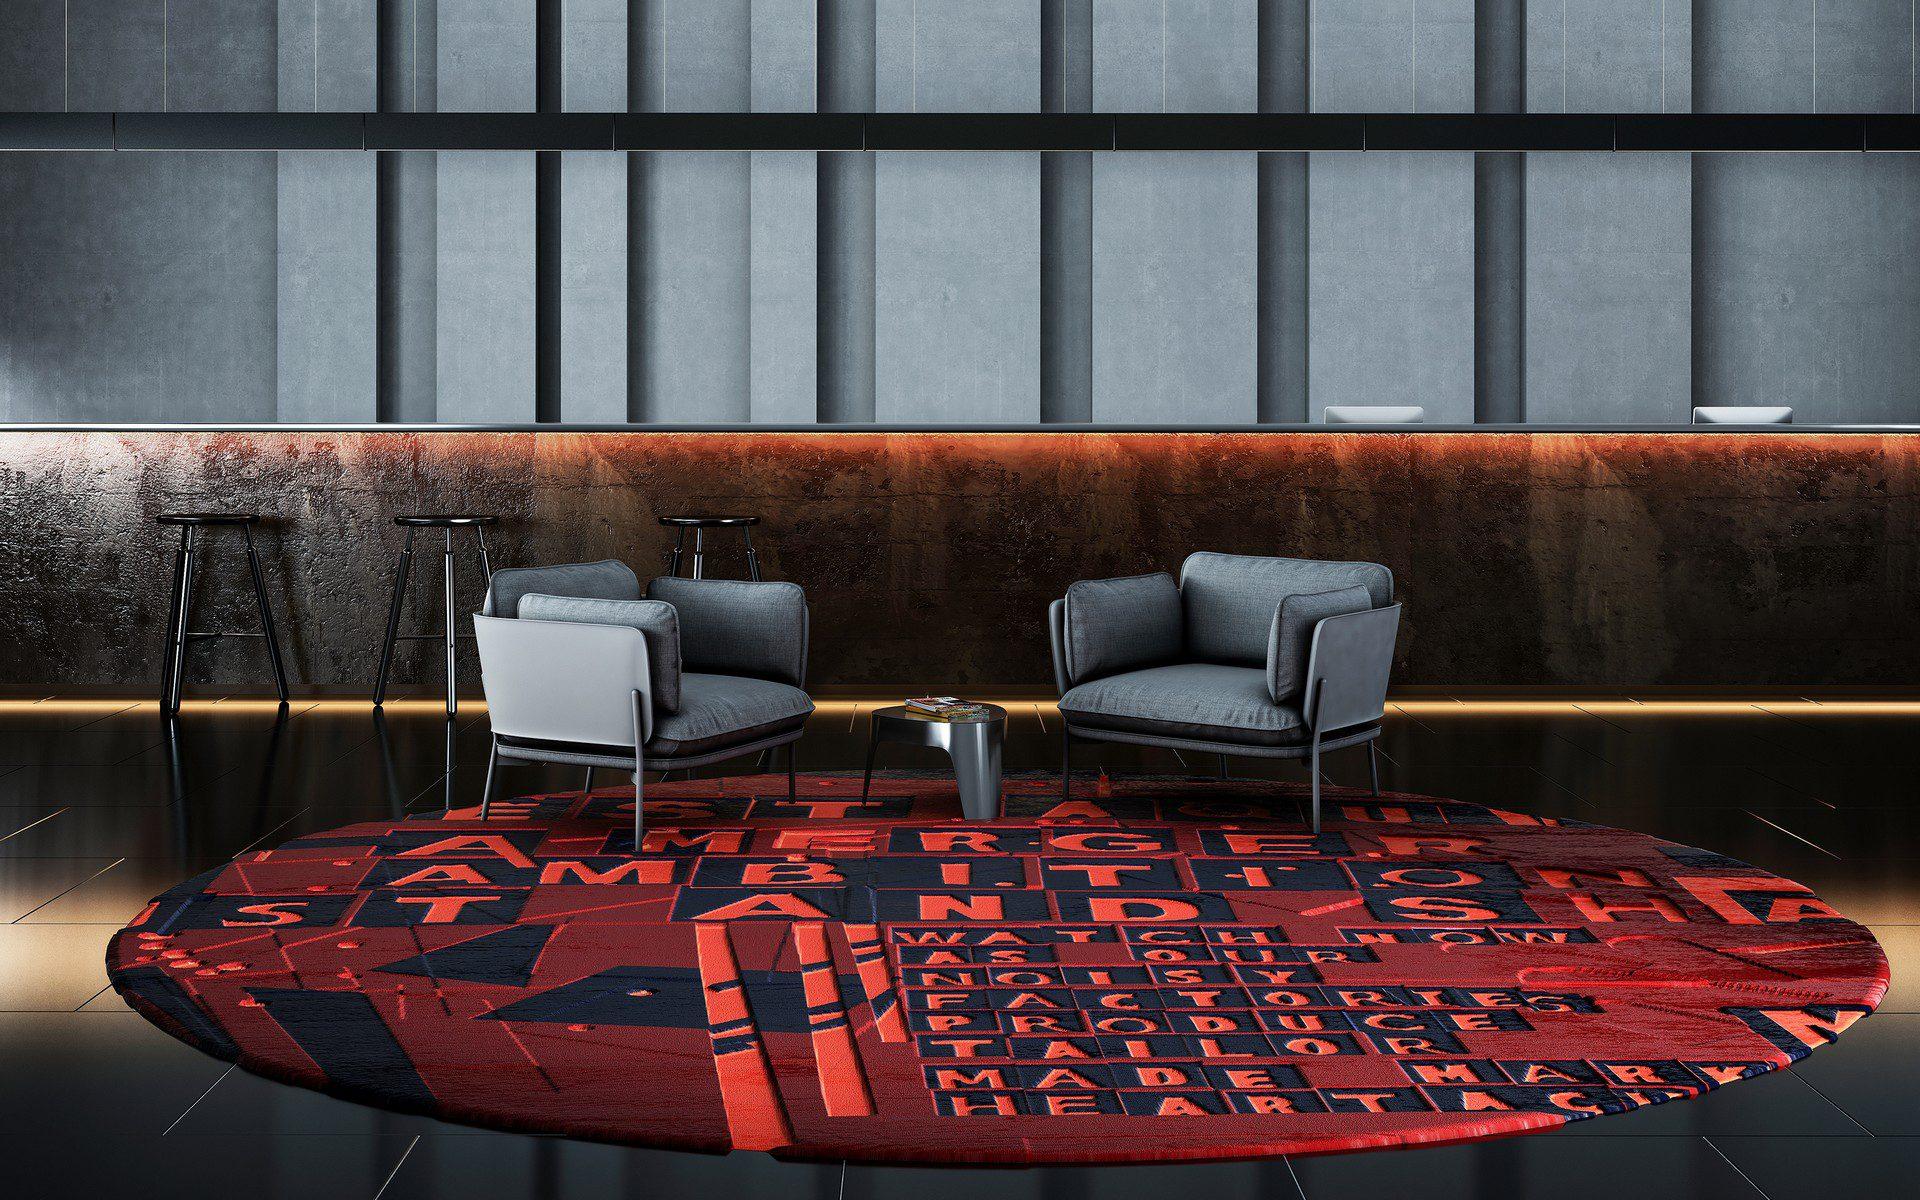 wizualizacja hotelu poczekalni dywany urban fabric